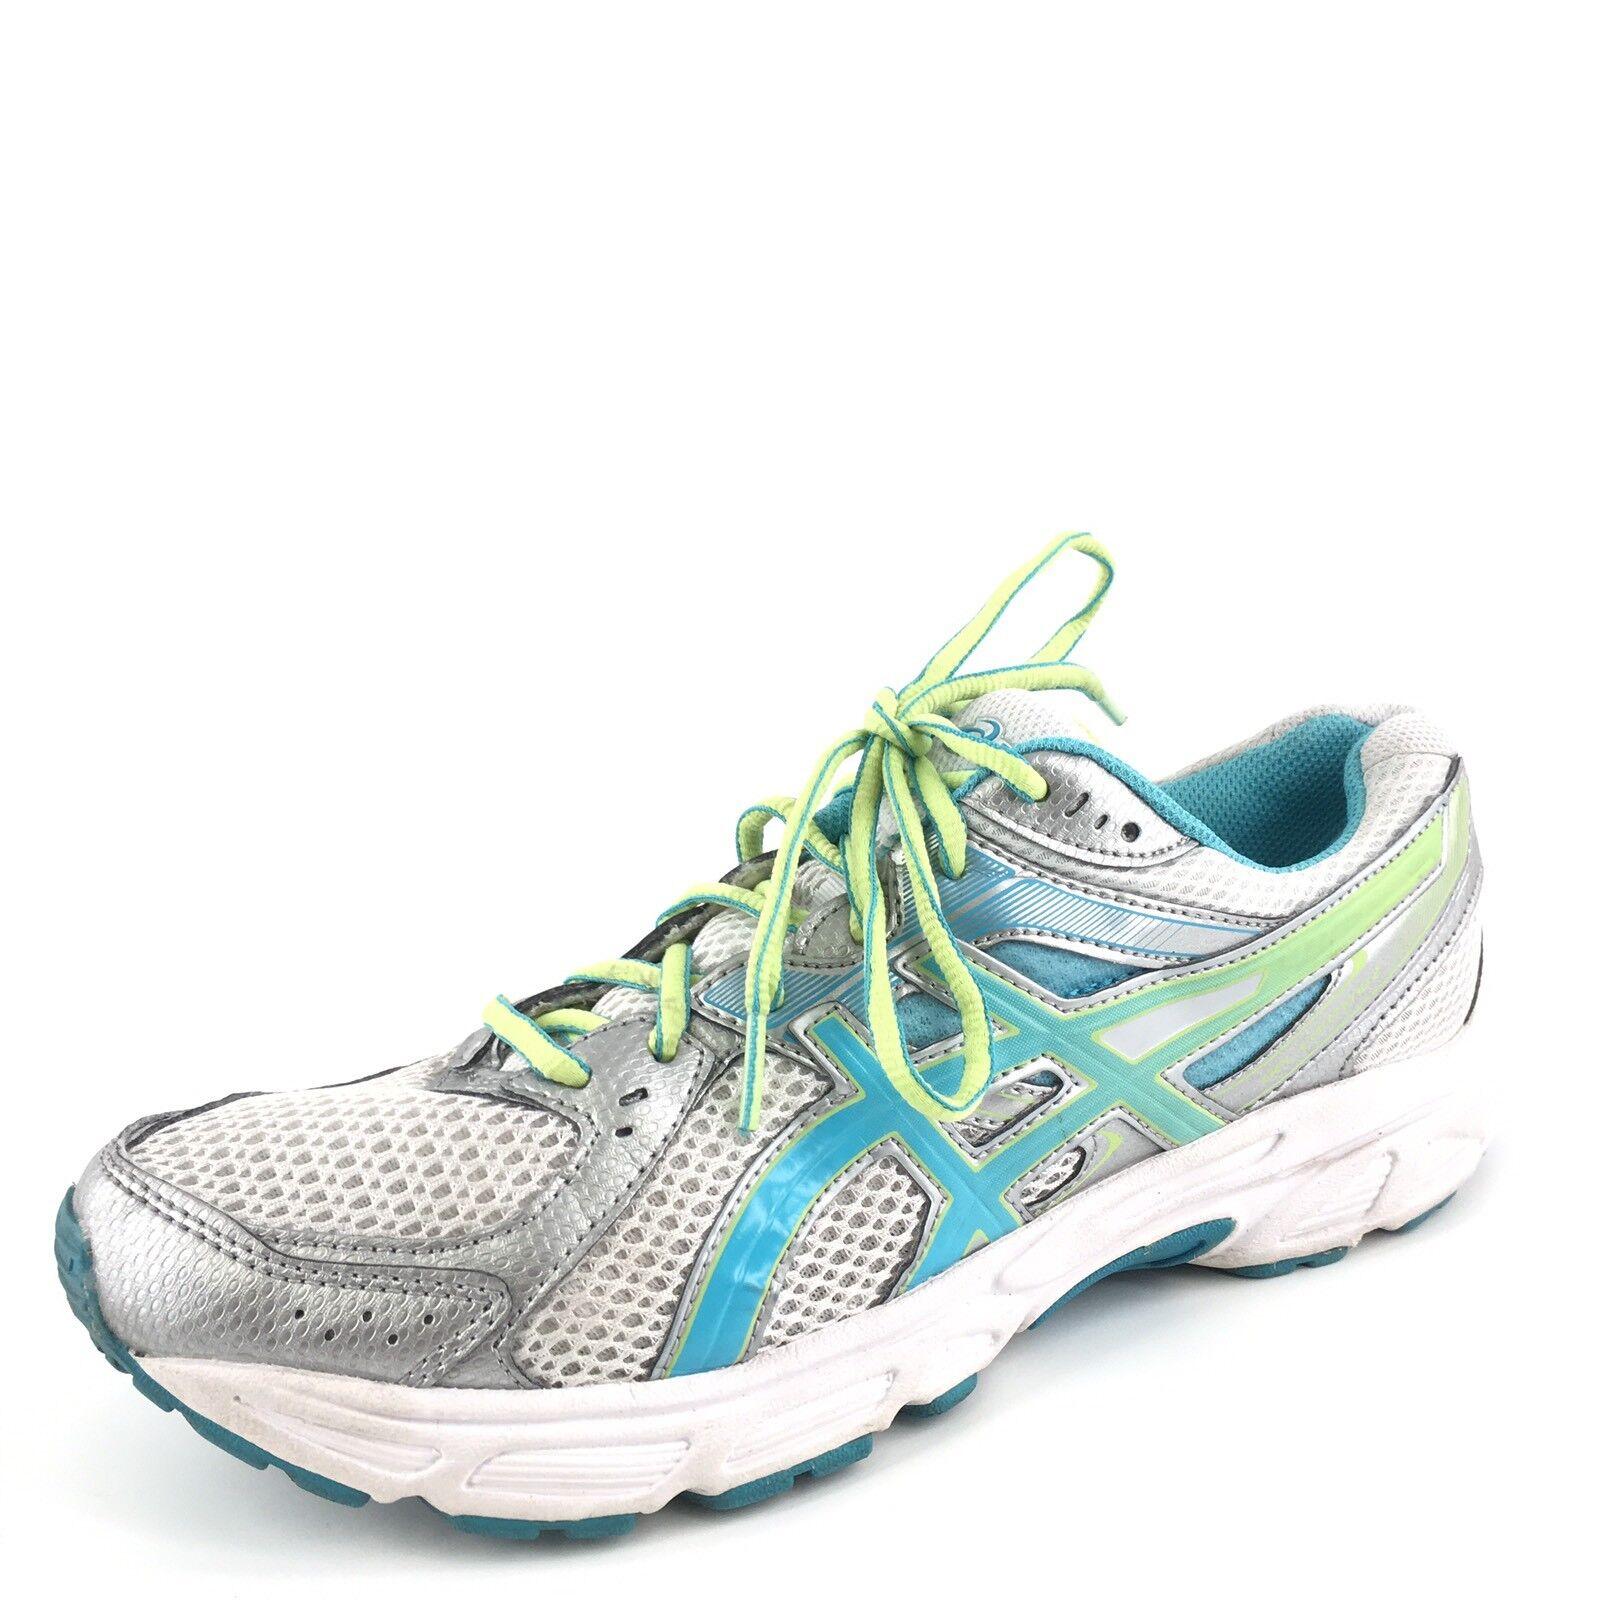 athlétisme) formation gel des chaussures de marche, affirment des chaussures confortable de femmes femmes femmes confortable chaussures chaussures bon marché 243a91